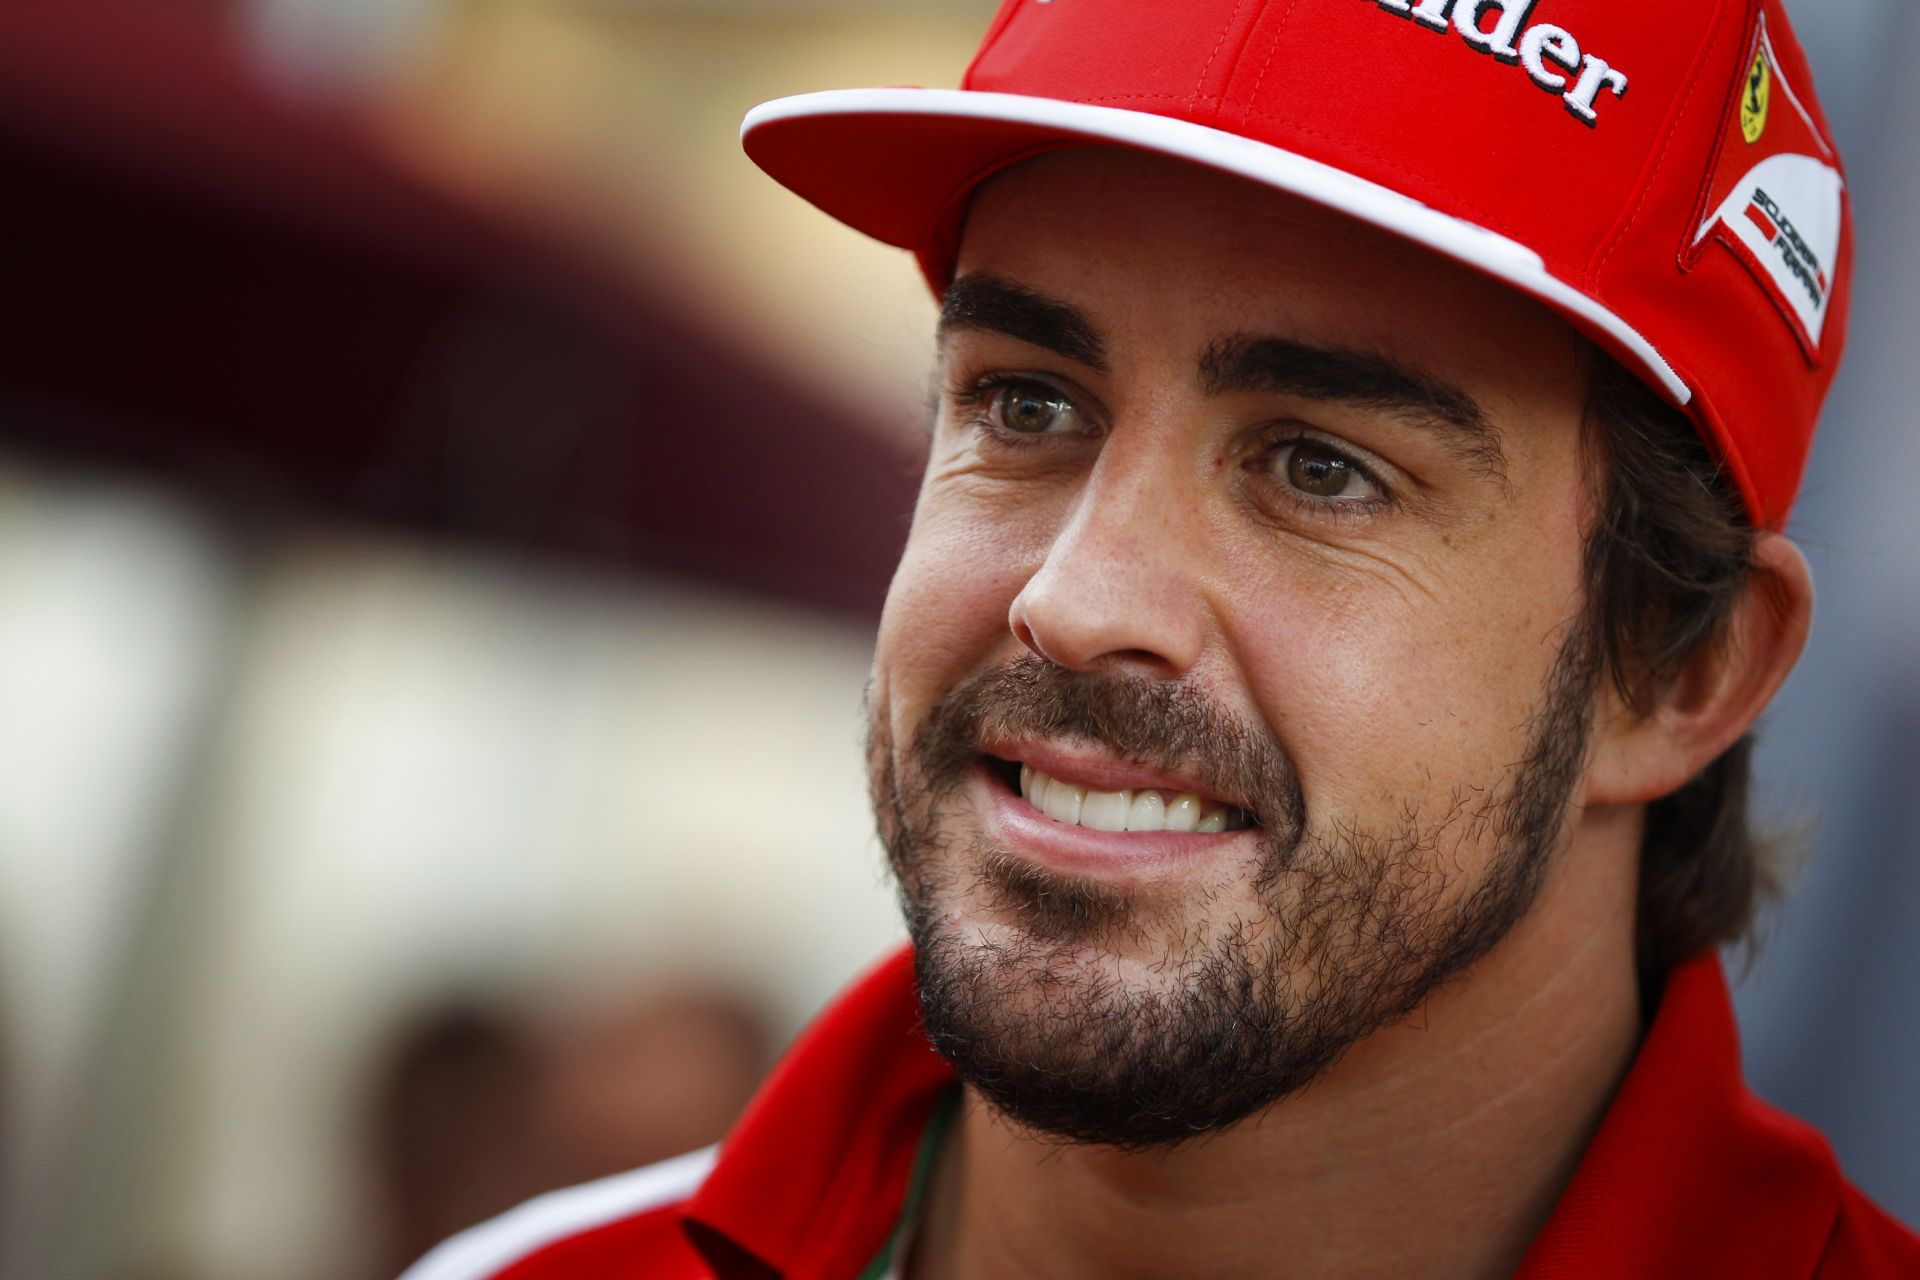 Már a Ferrari sem teljesen biztos abban, hogy Alonso 2015-ben a versenyzőjük lesz